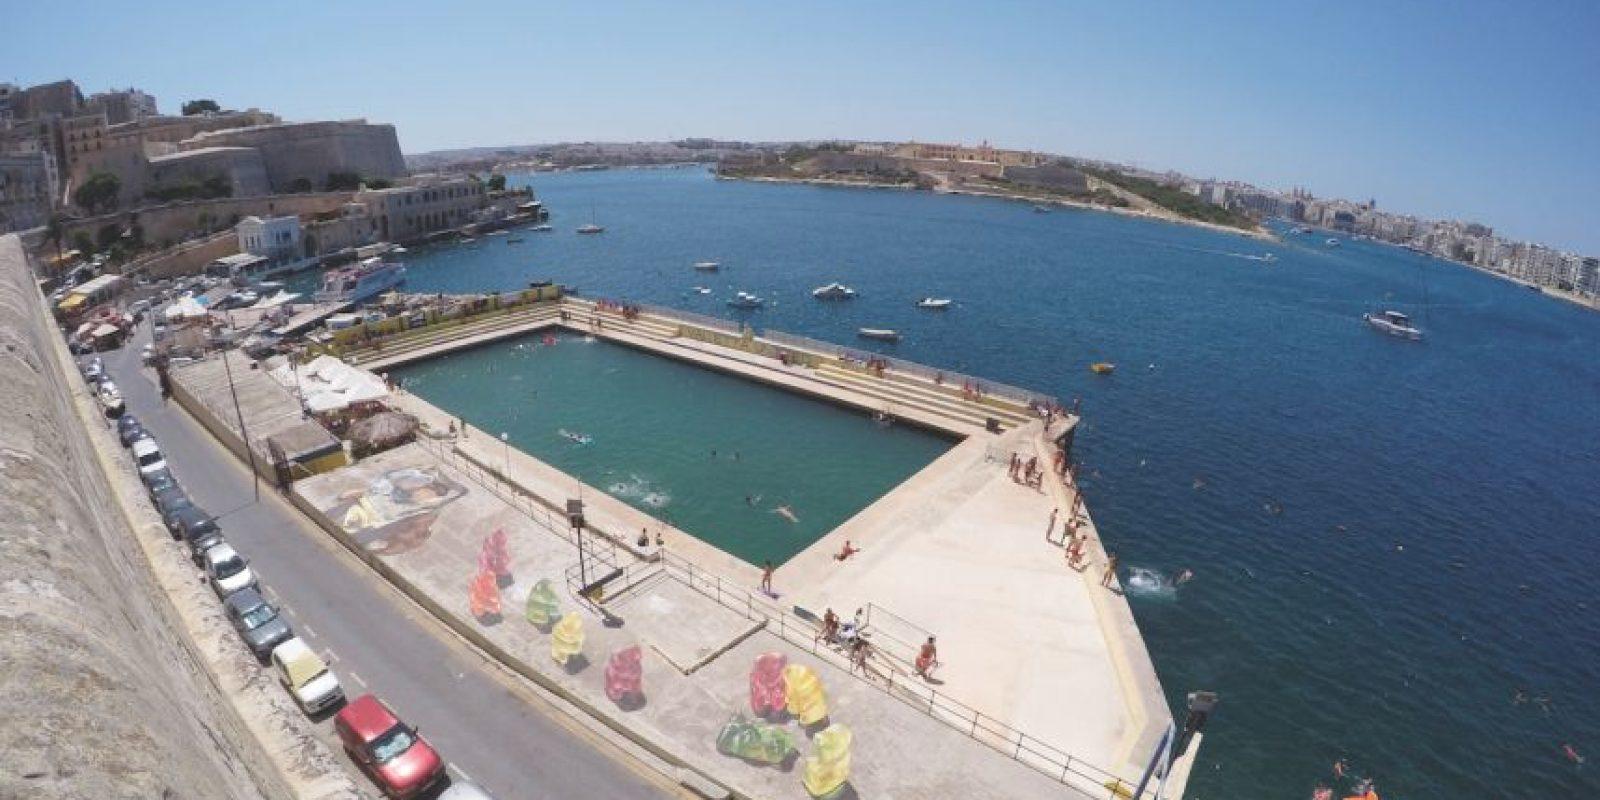 Tienen que ser vistos desde al menos 10 metros de alto para tener la perspectiva correcta. Foto:Vía Streetpainting3D.com